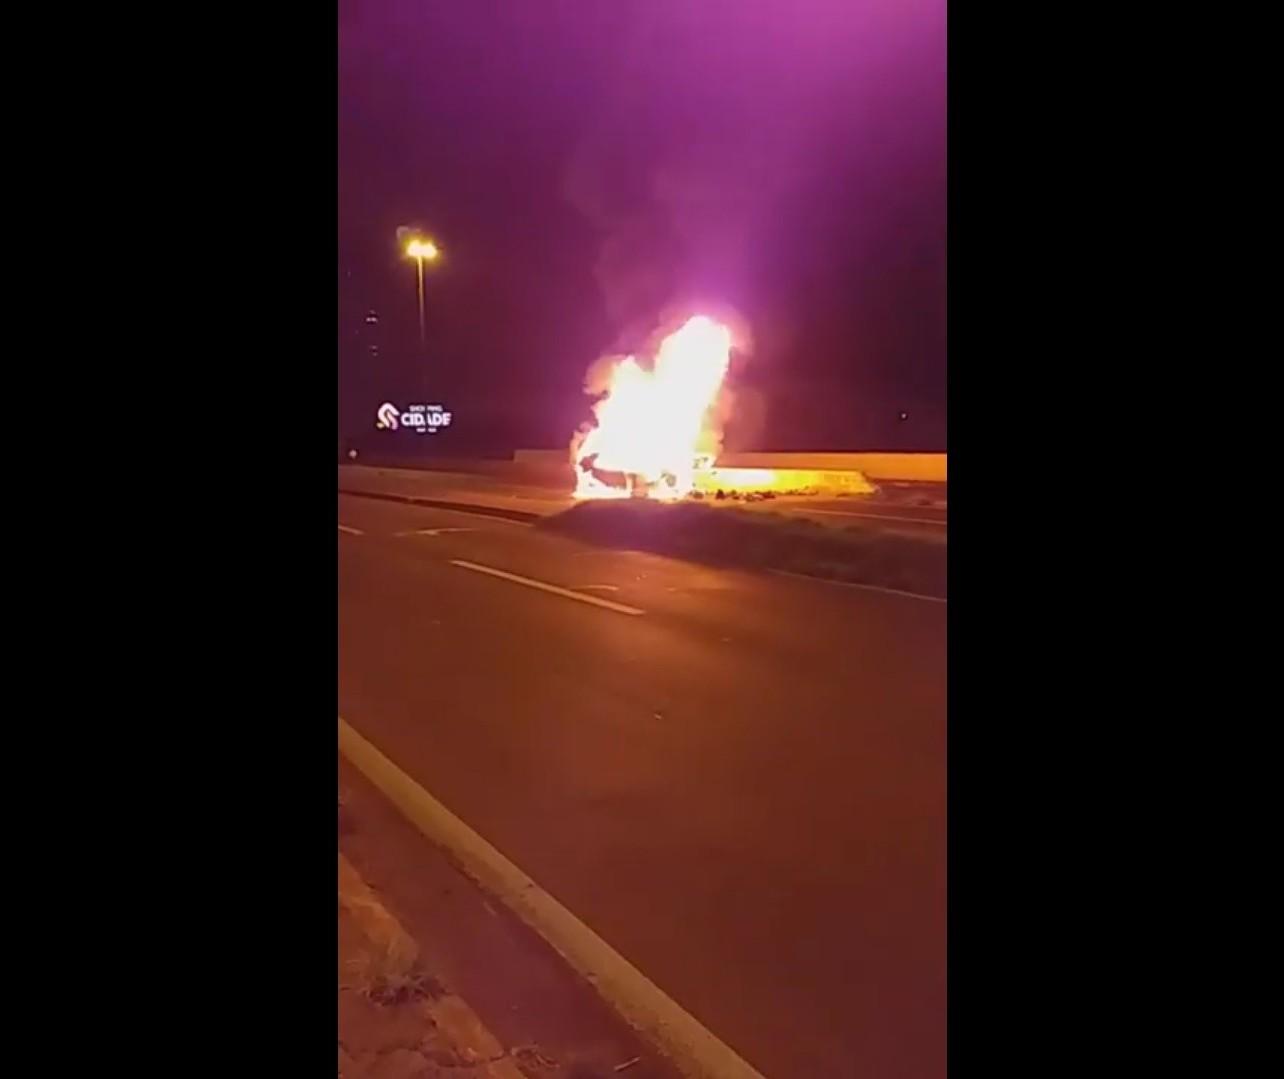 Carro pega fogo após colisão e motorista morre, na Avenida Colombo